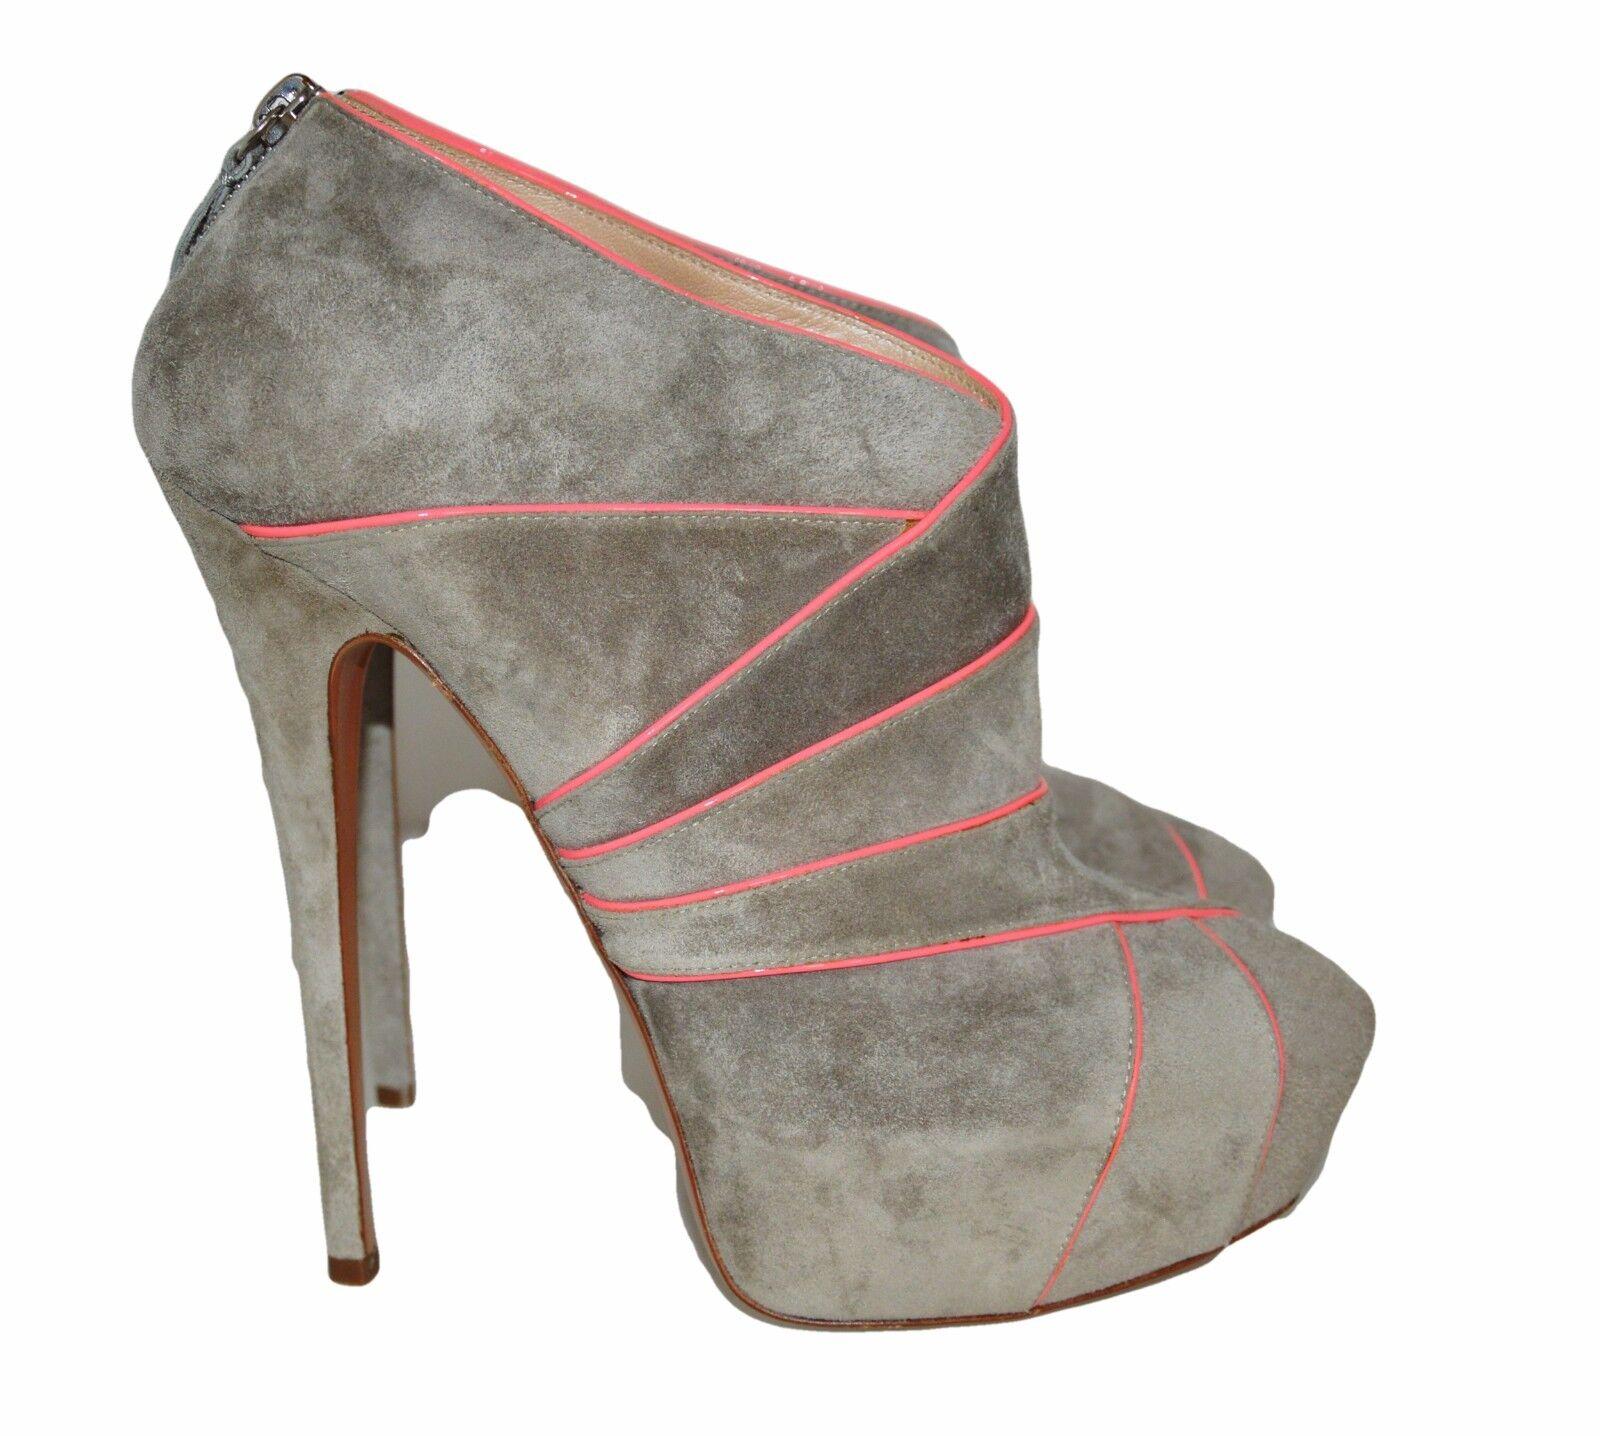 modelo más vendido de la marca Suede Casadei Platform Booties Queen Suede marca Grey Pink tacón alto botines Icon 40 ec0c20